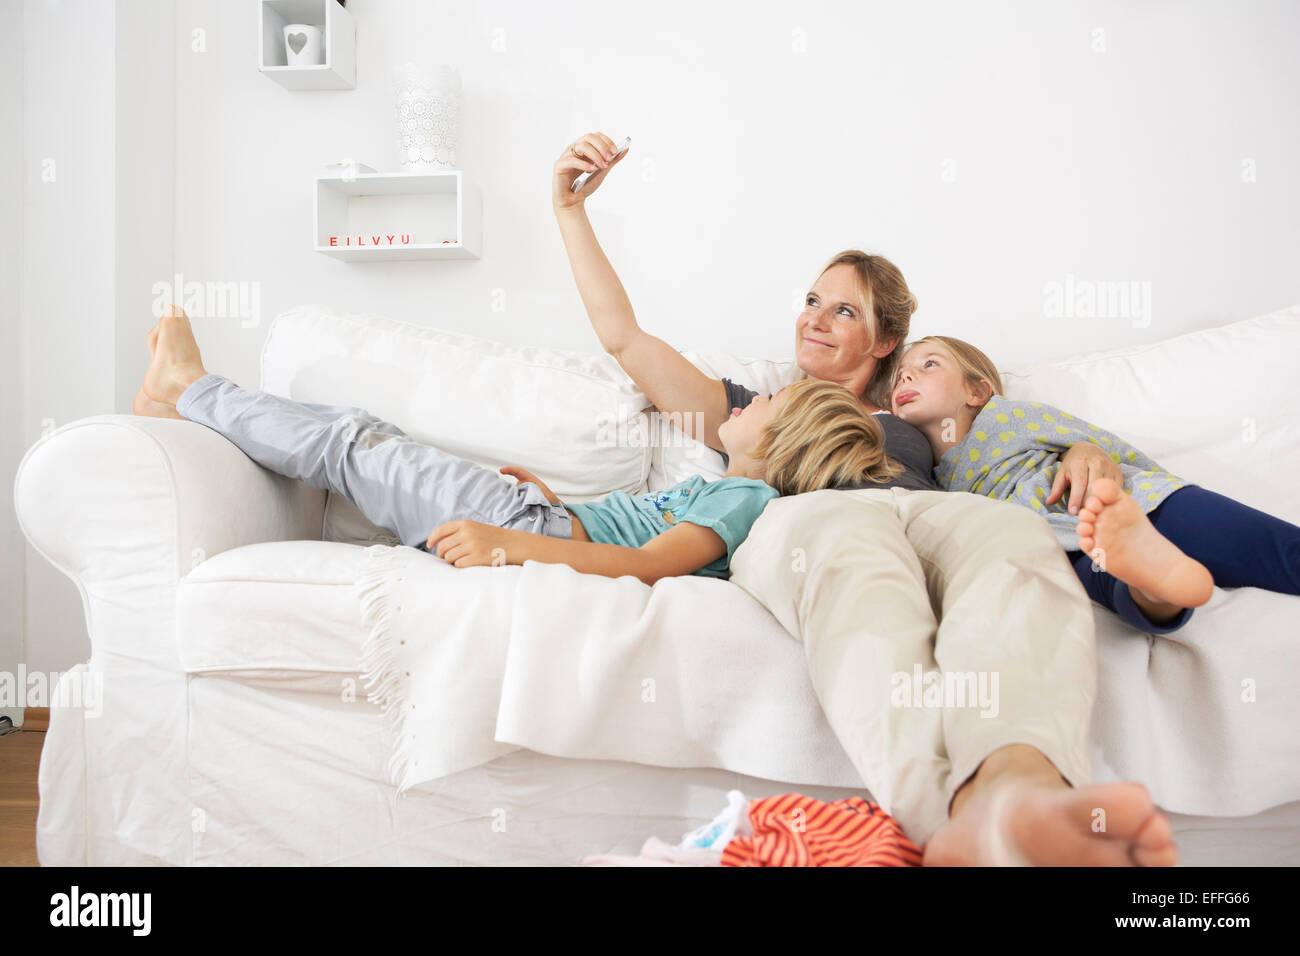 Figlia della madre e figlio sul lettino prendendo un selfie Immagini Stock